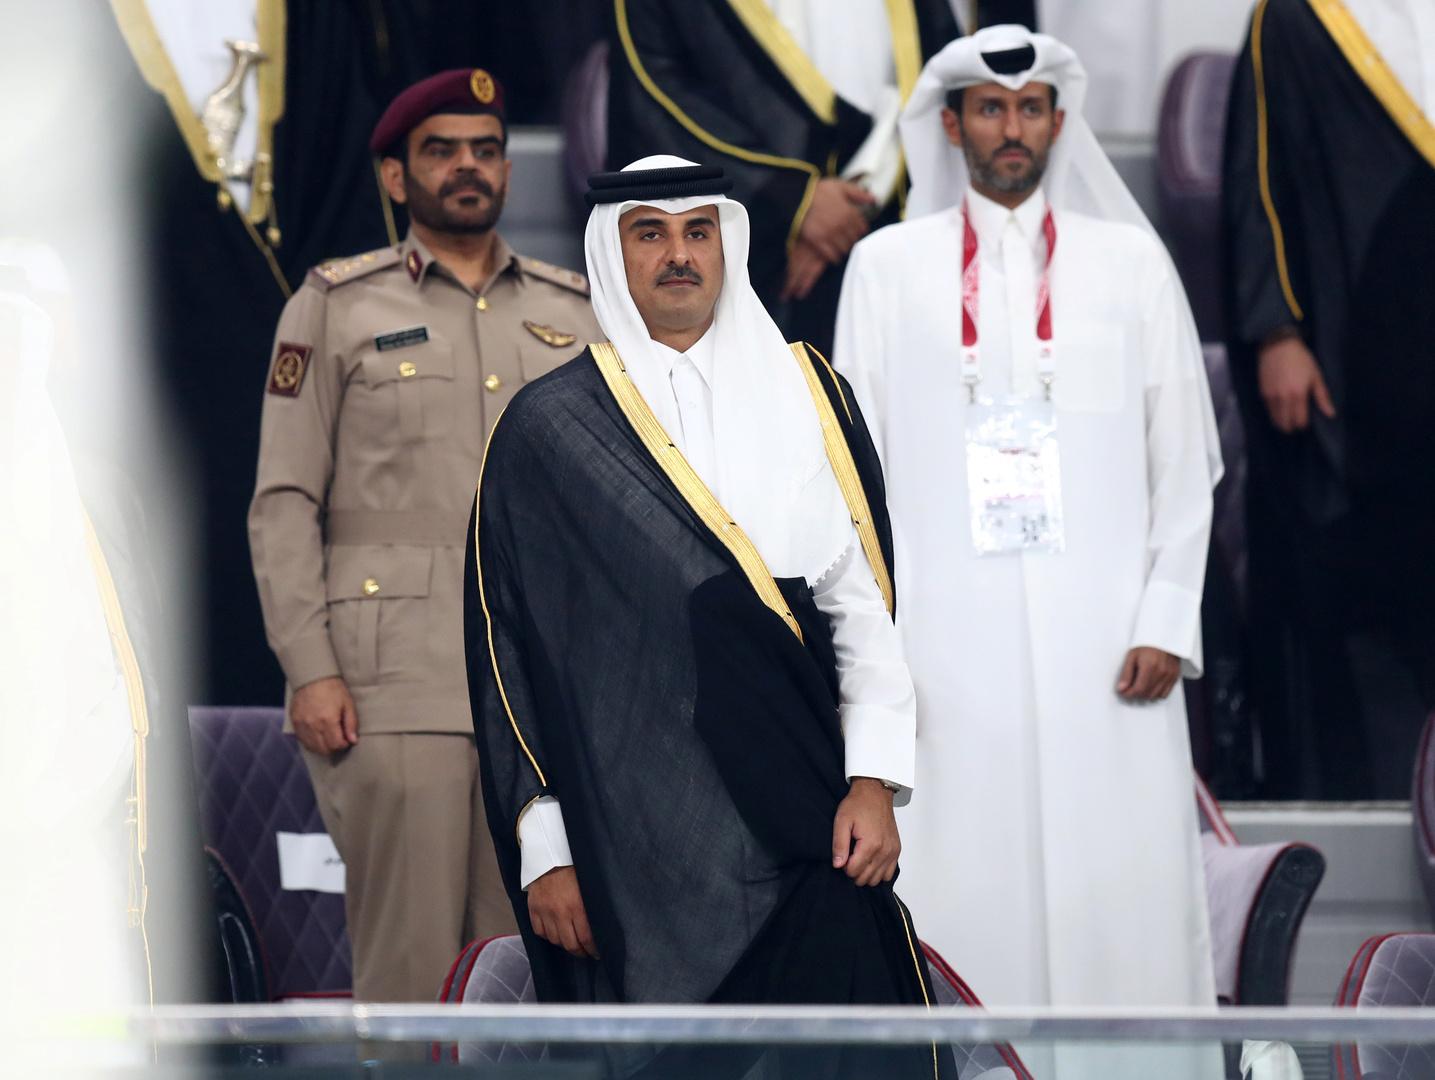 الأمير تميم يعزي السيسي في حادث قطار طوخ